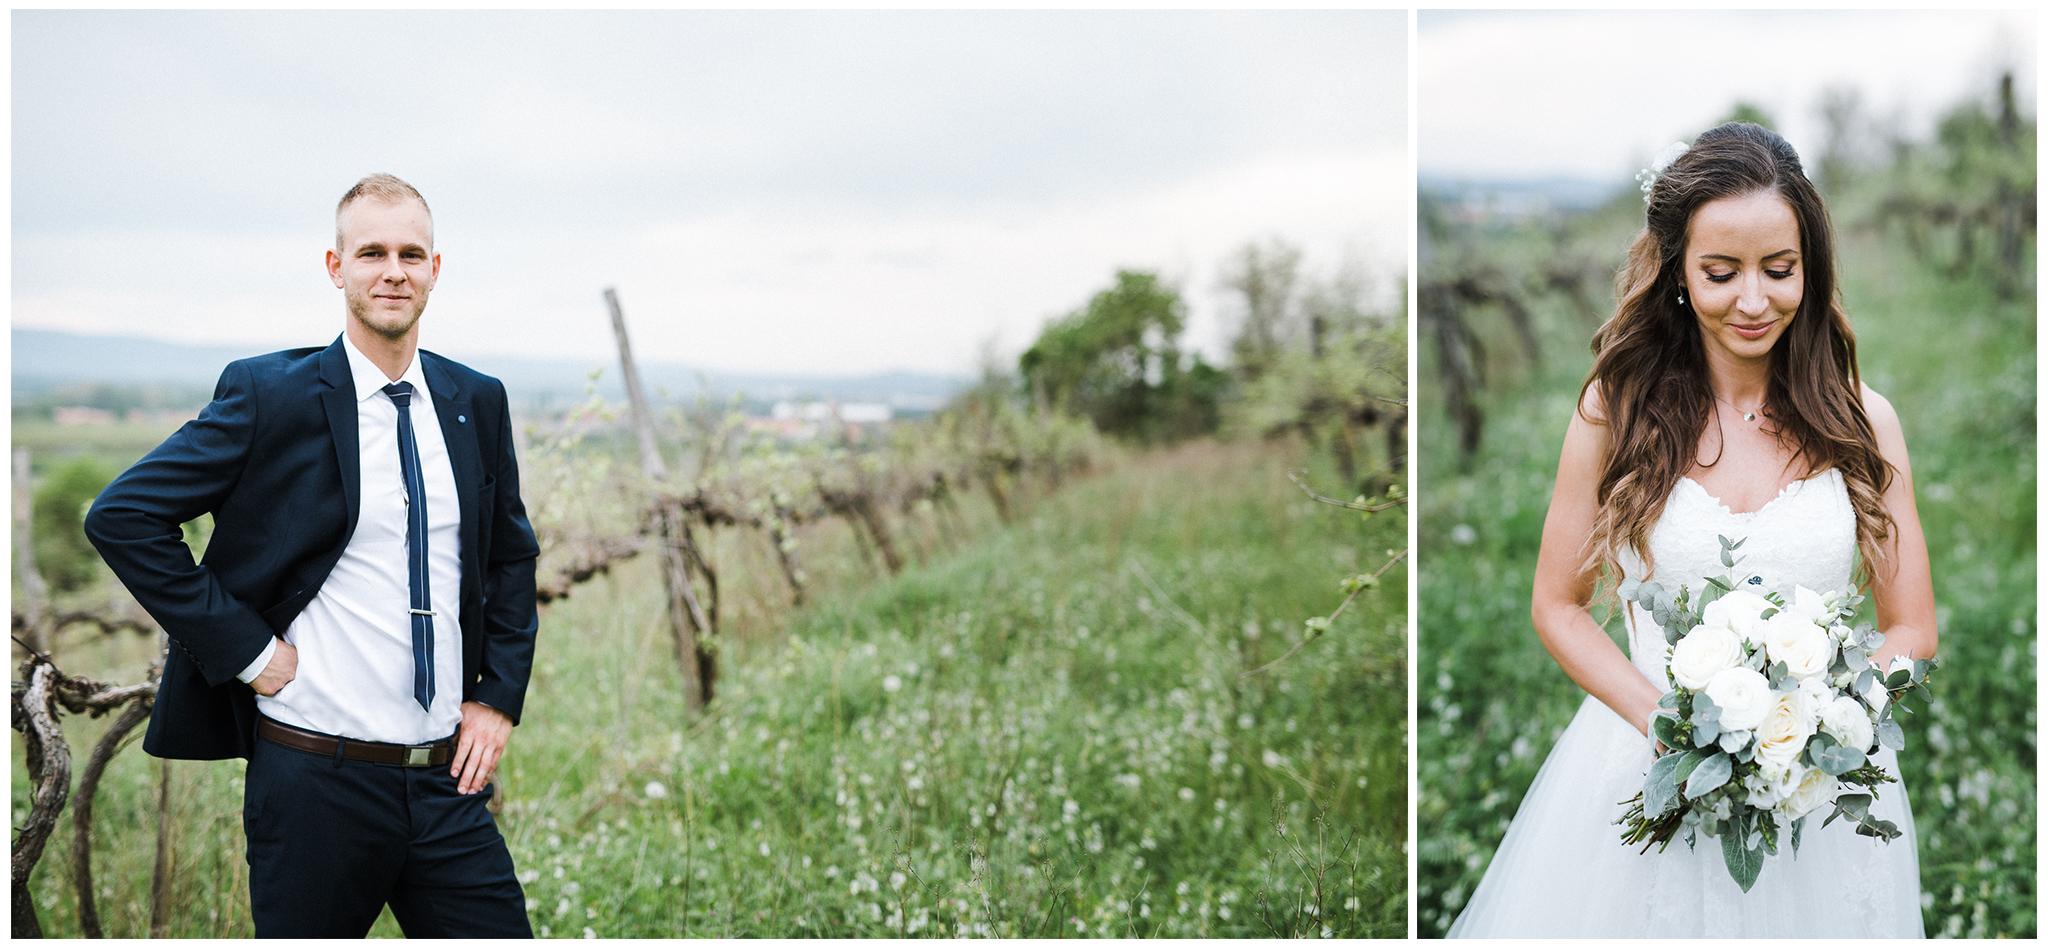 MONT_FylepPhoto, Esküvőfotós Vasmegye, Esküvő fotózás, Esküvői fotós, Körmend, Vas megye, Dunántúl, Budapest, Fülöp Péter, Jegyes fotózás, jegyes, kreatív, kreatívfotózás, Balaton_Réka&Peti,2018_010.jpg